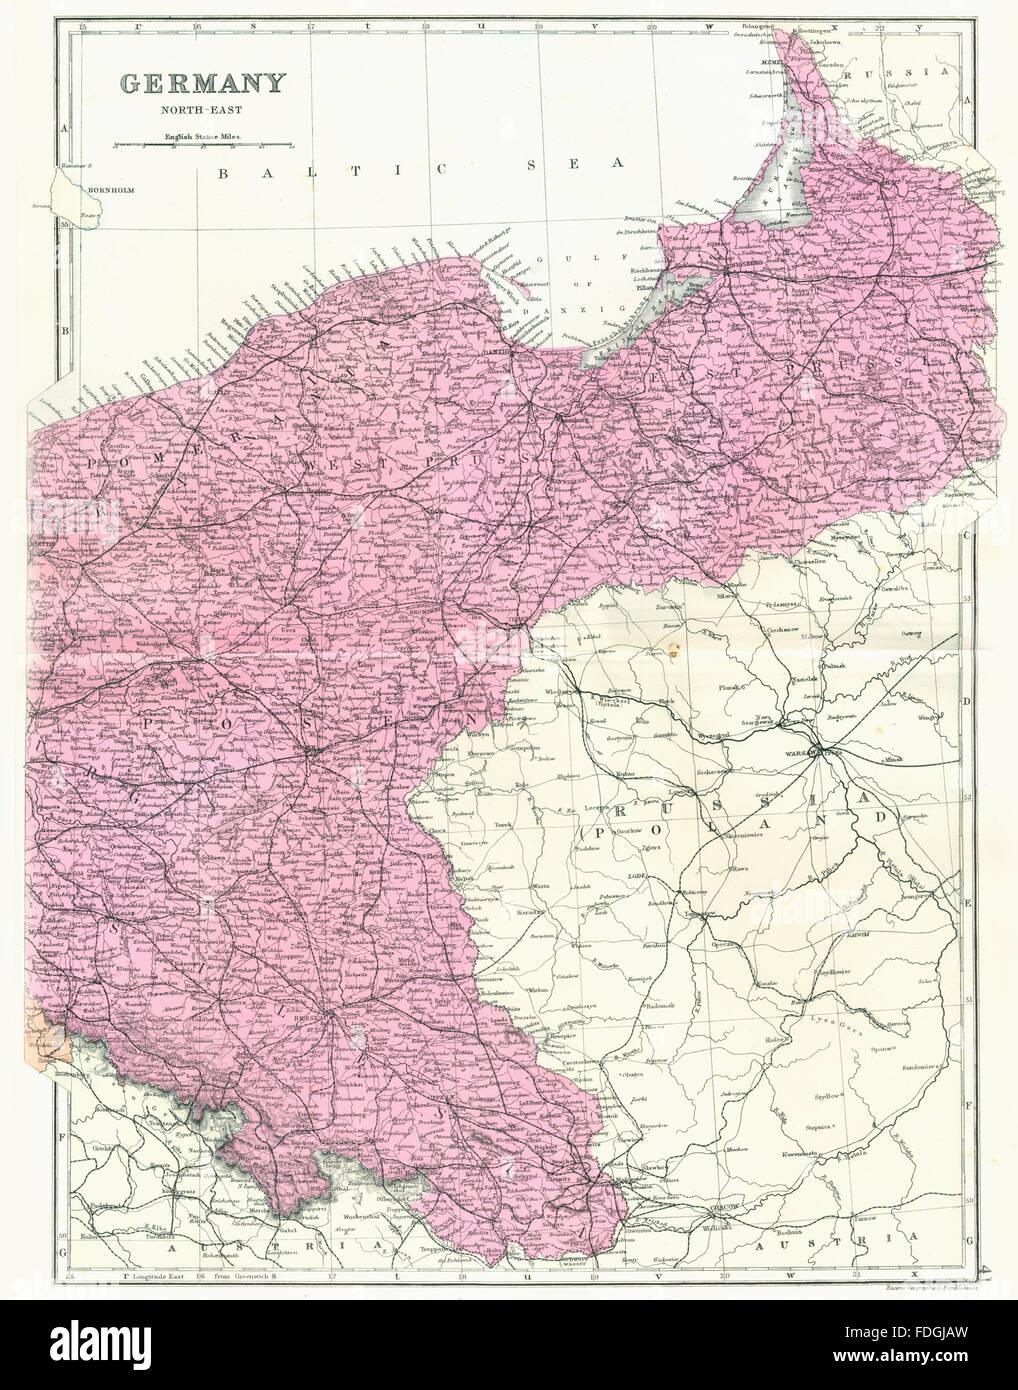 Germany Poland German Empire Ne Prussia Pomerania Posen Silesia